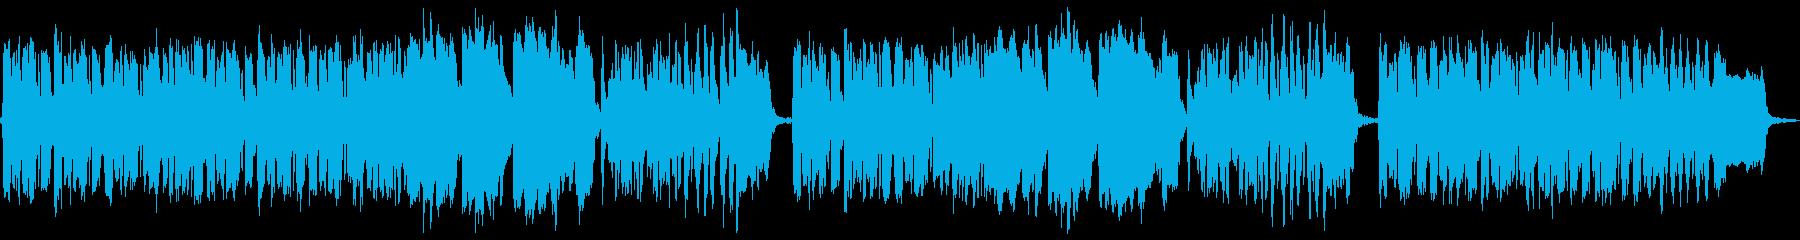 バロック、中世風の格調高めなフルートの曲の再生済みの波形